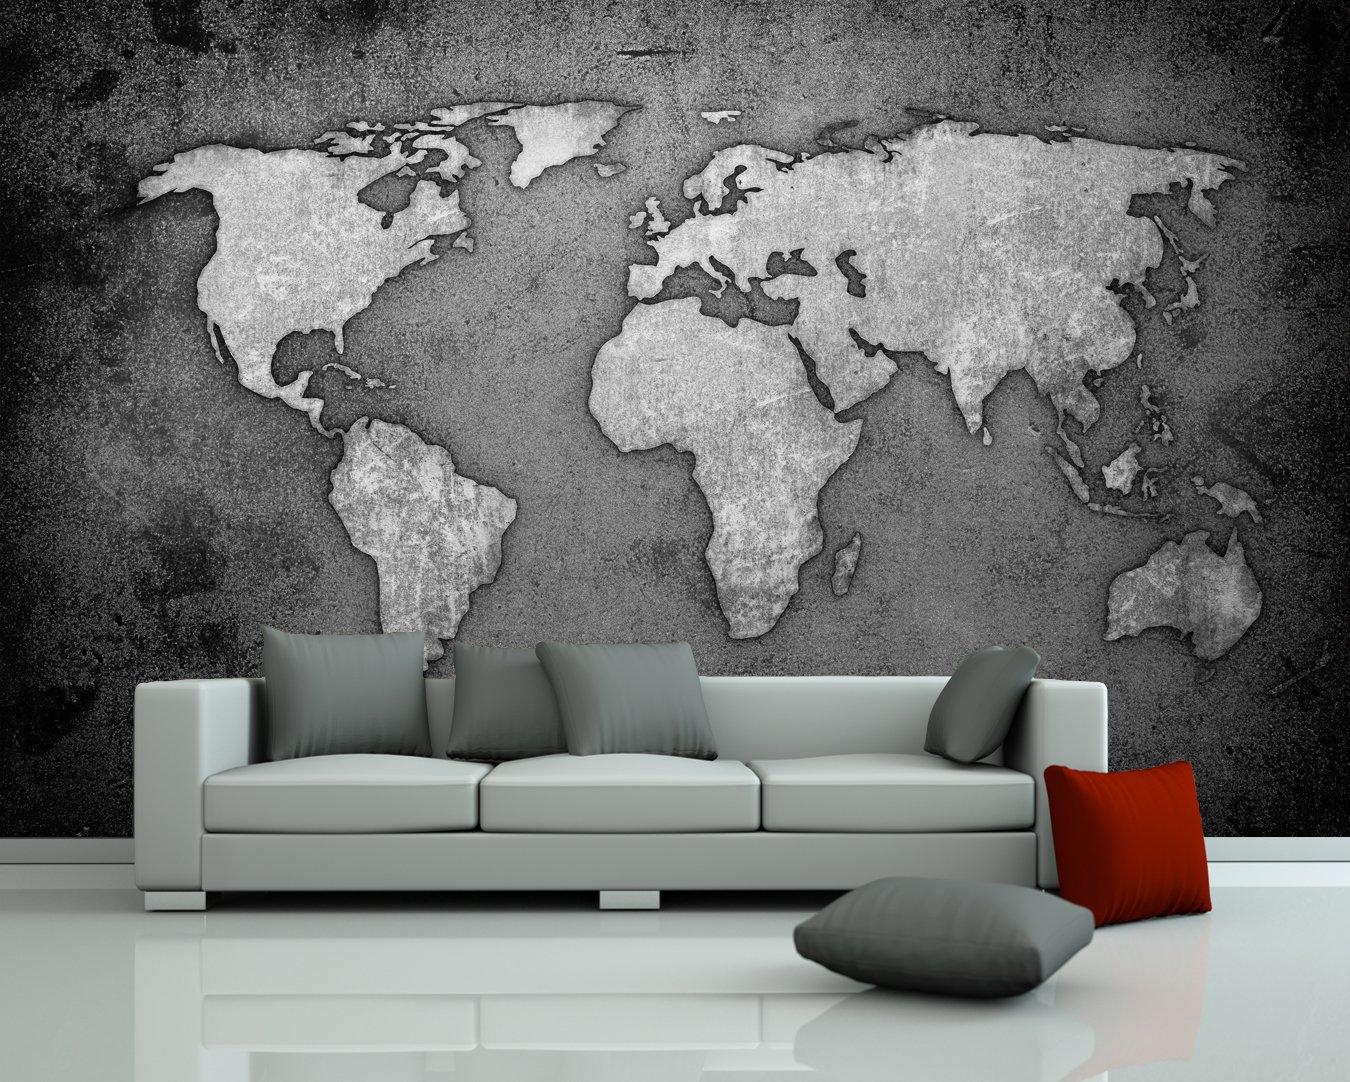 Bilderdepot24 selbstklebende Fototapete Weltkarte  schwarz weiss 360x230 cm  direkt vom Hersteller   Kundenbewertung und weitere Informationen